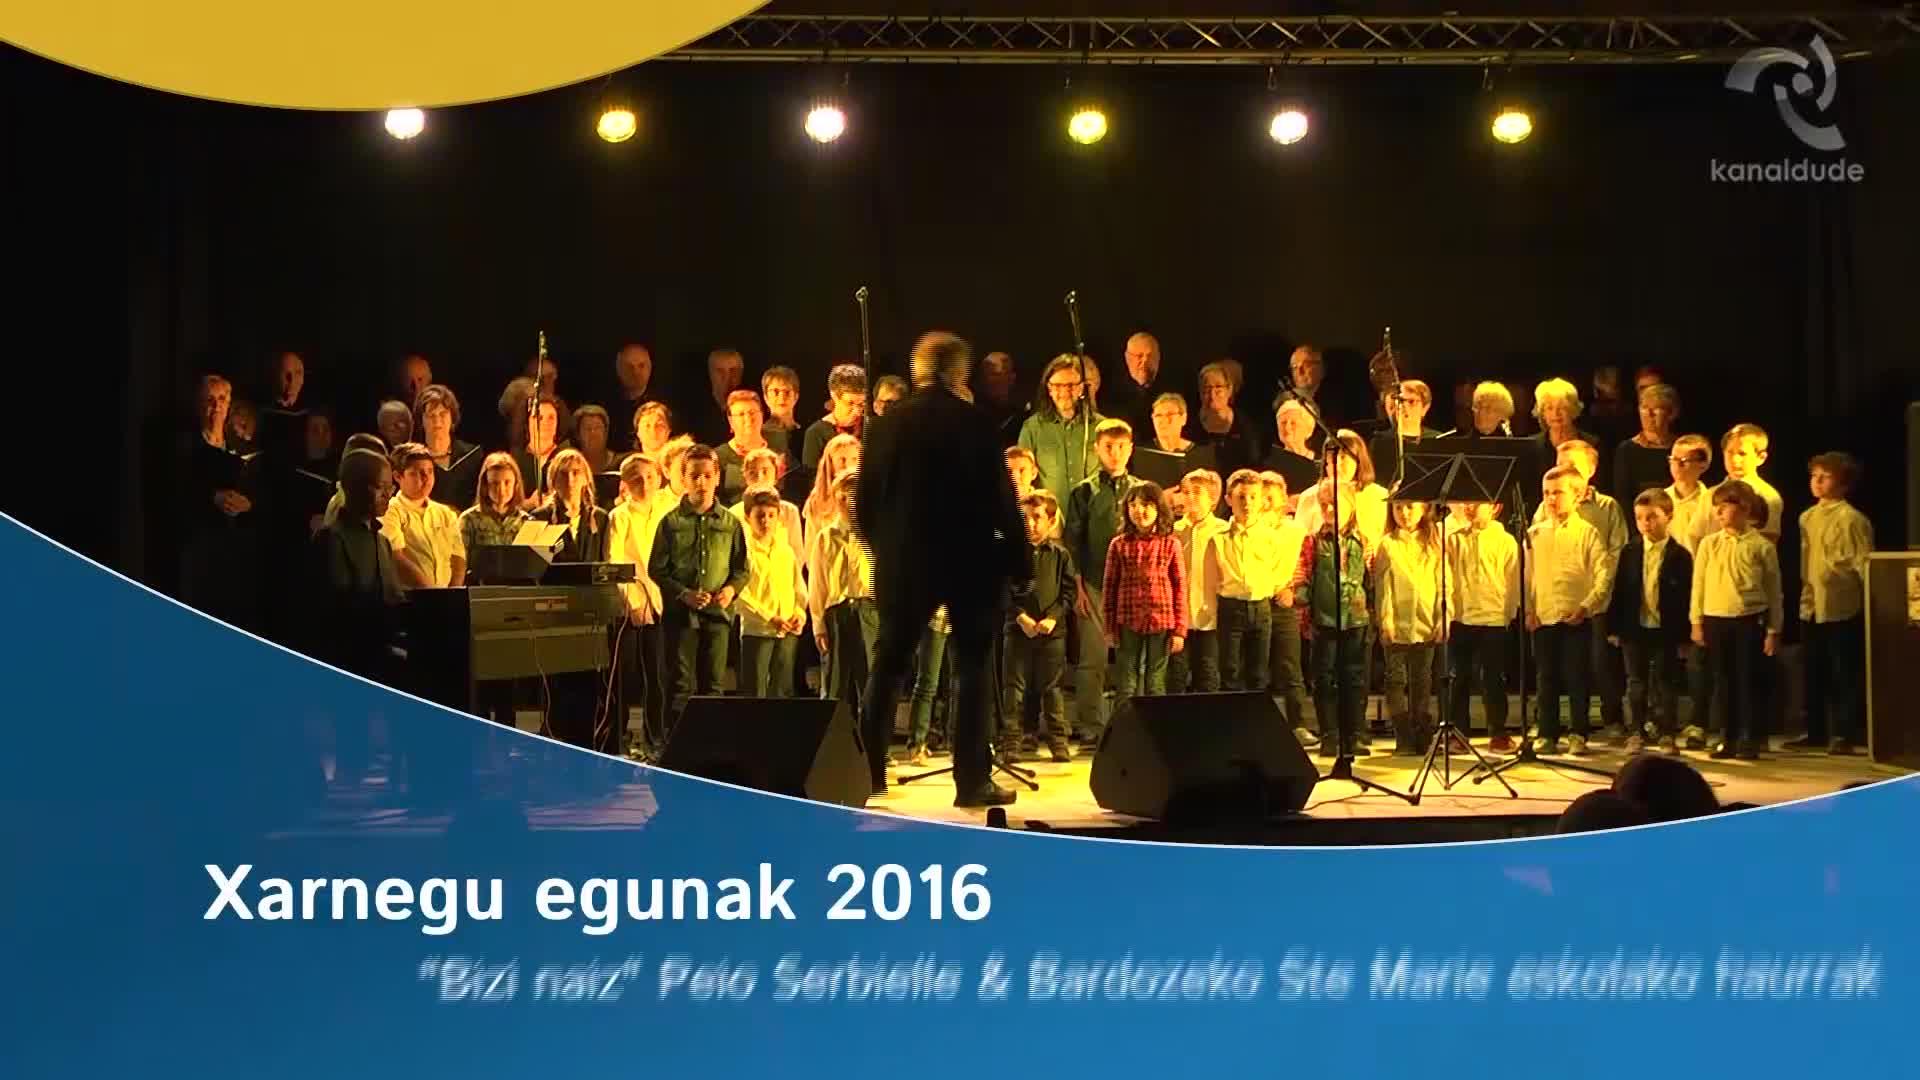 """Xarnegu egunak 2016: """"Bizi naiz"""" kantua"""